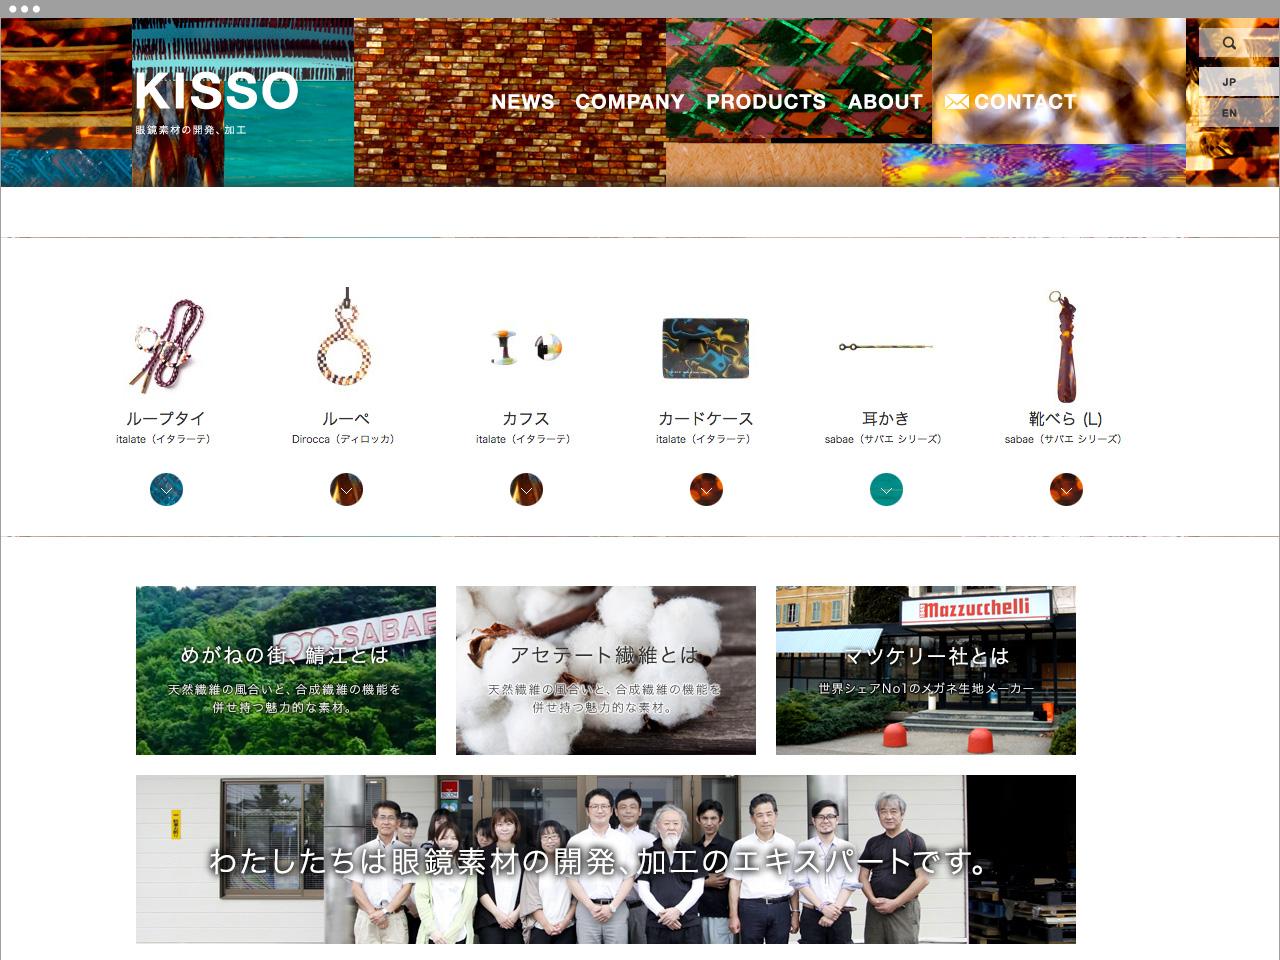 kisso web v1 KISSO コーポレートサイト